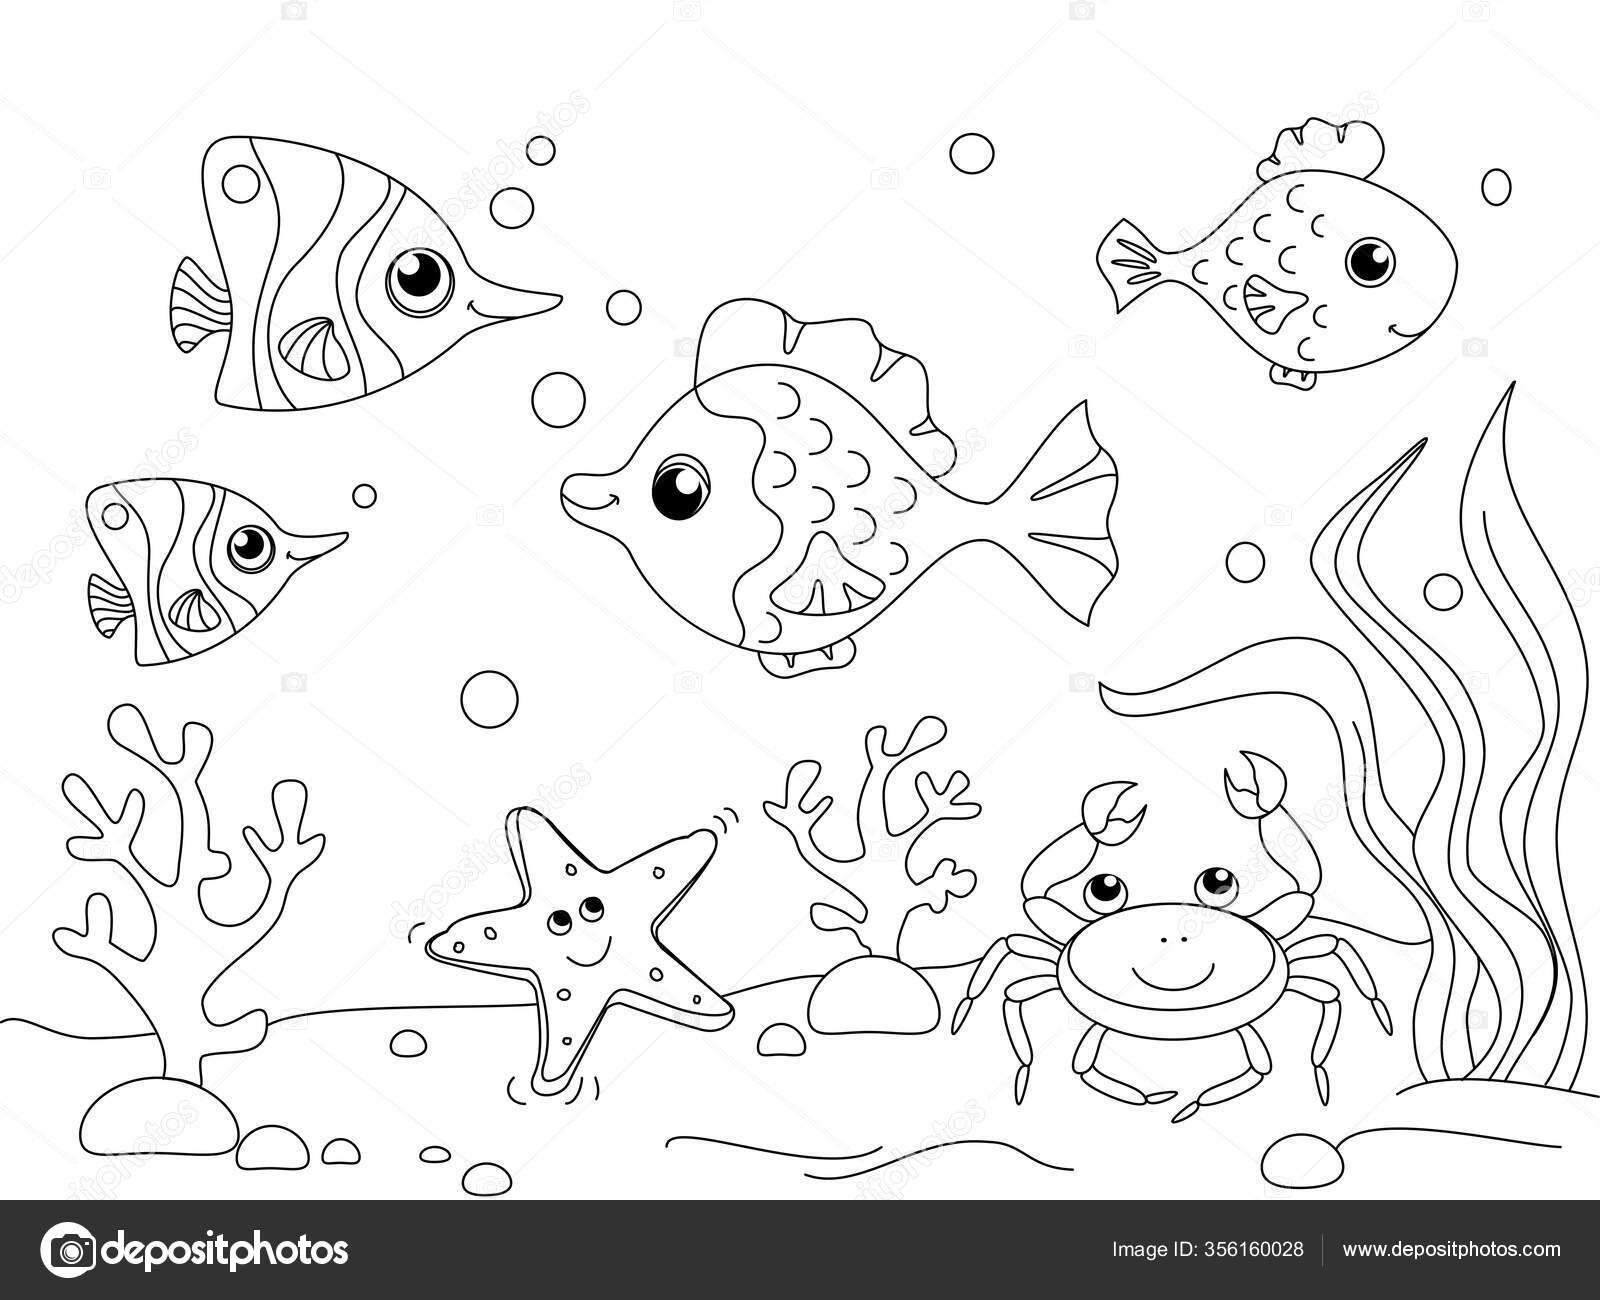 kinder malen. die unterwasserwelt, der grund des ozeans